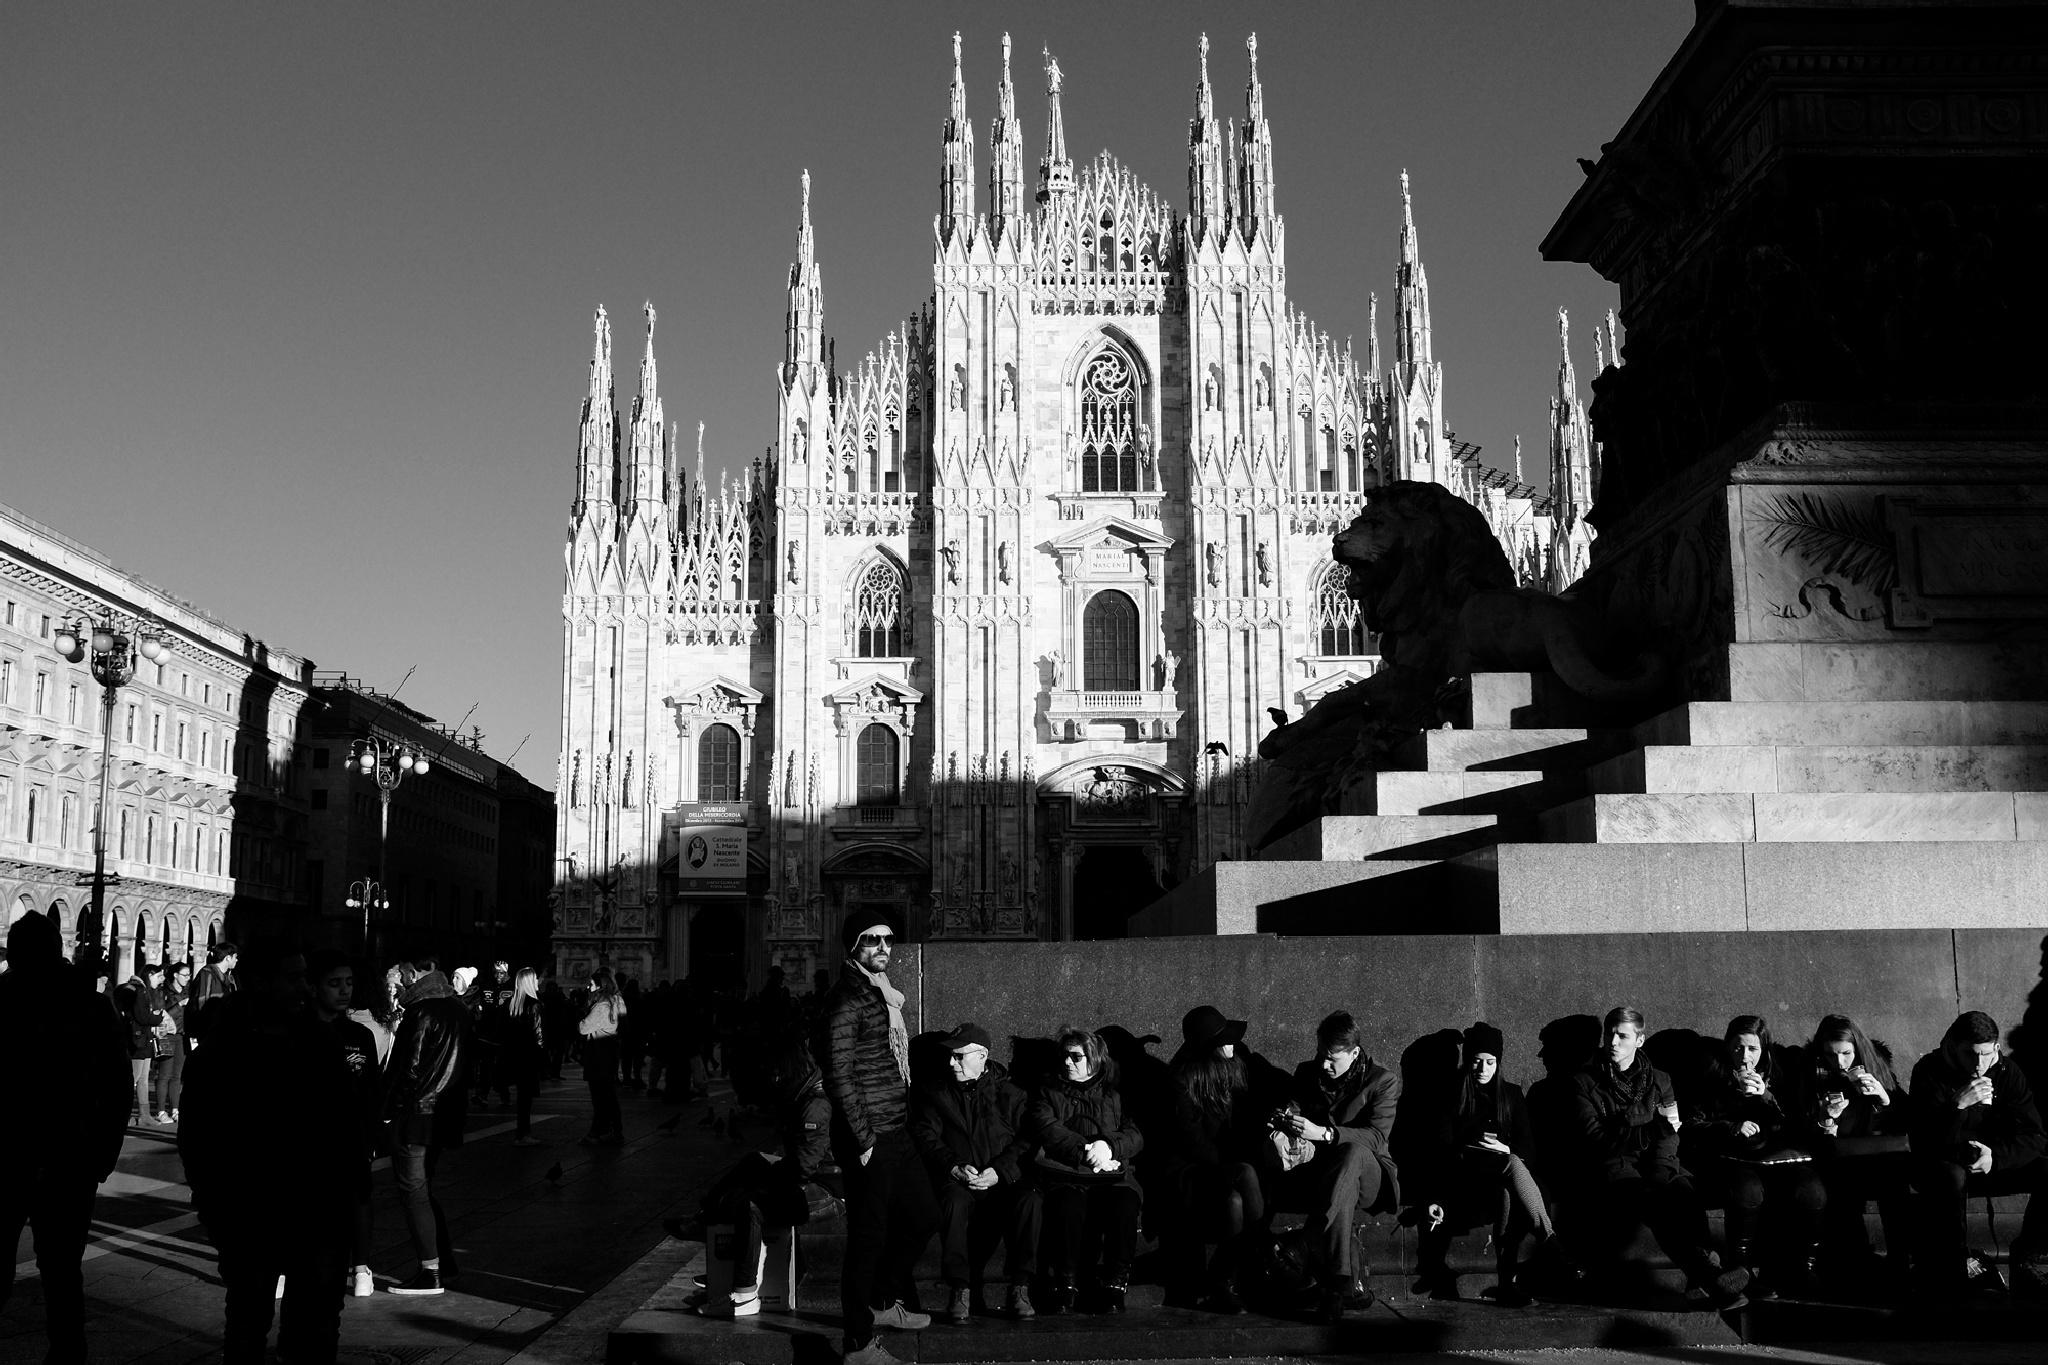 Duomo by Giulio Annibali